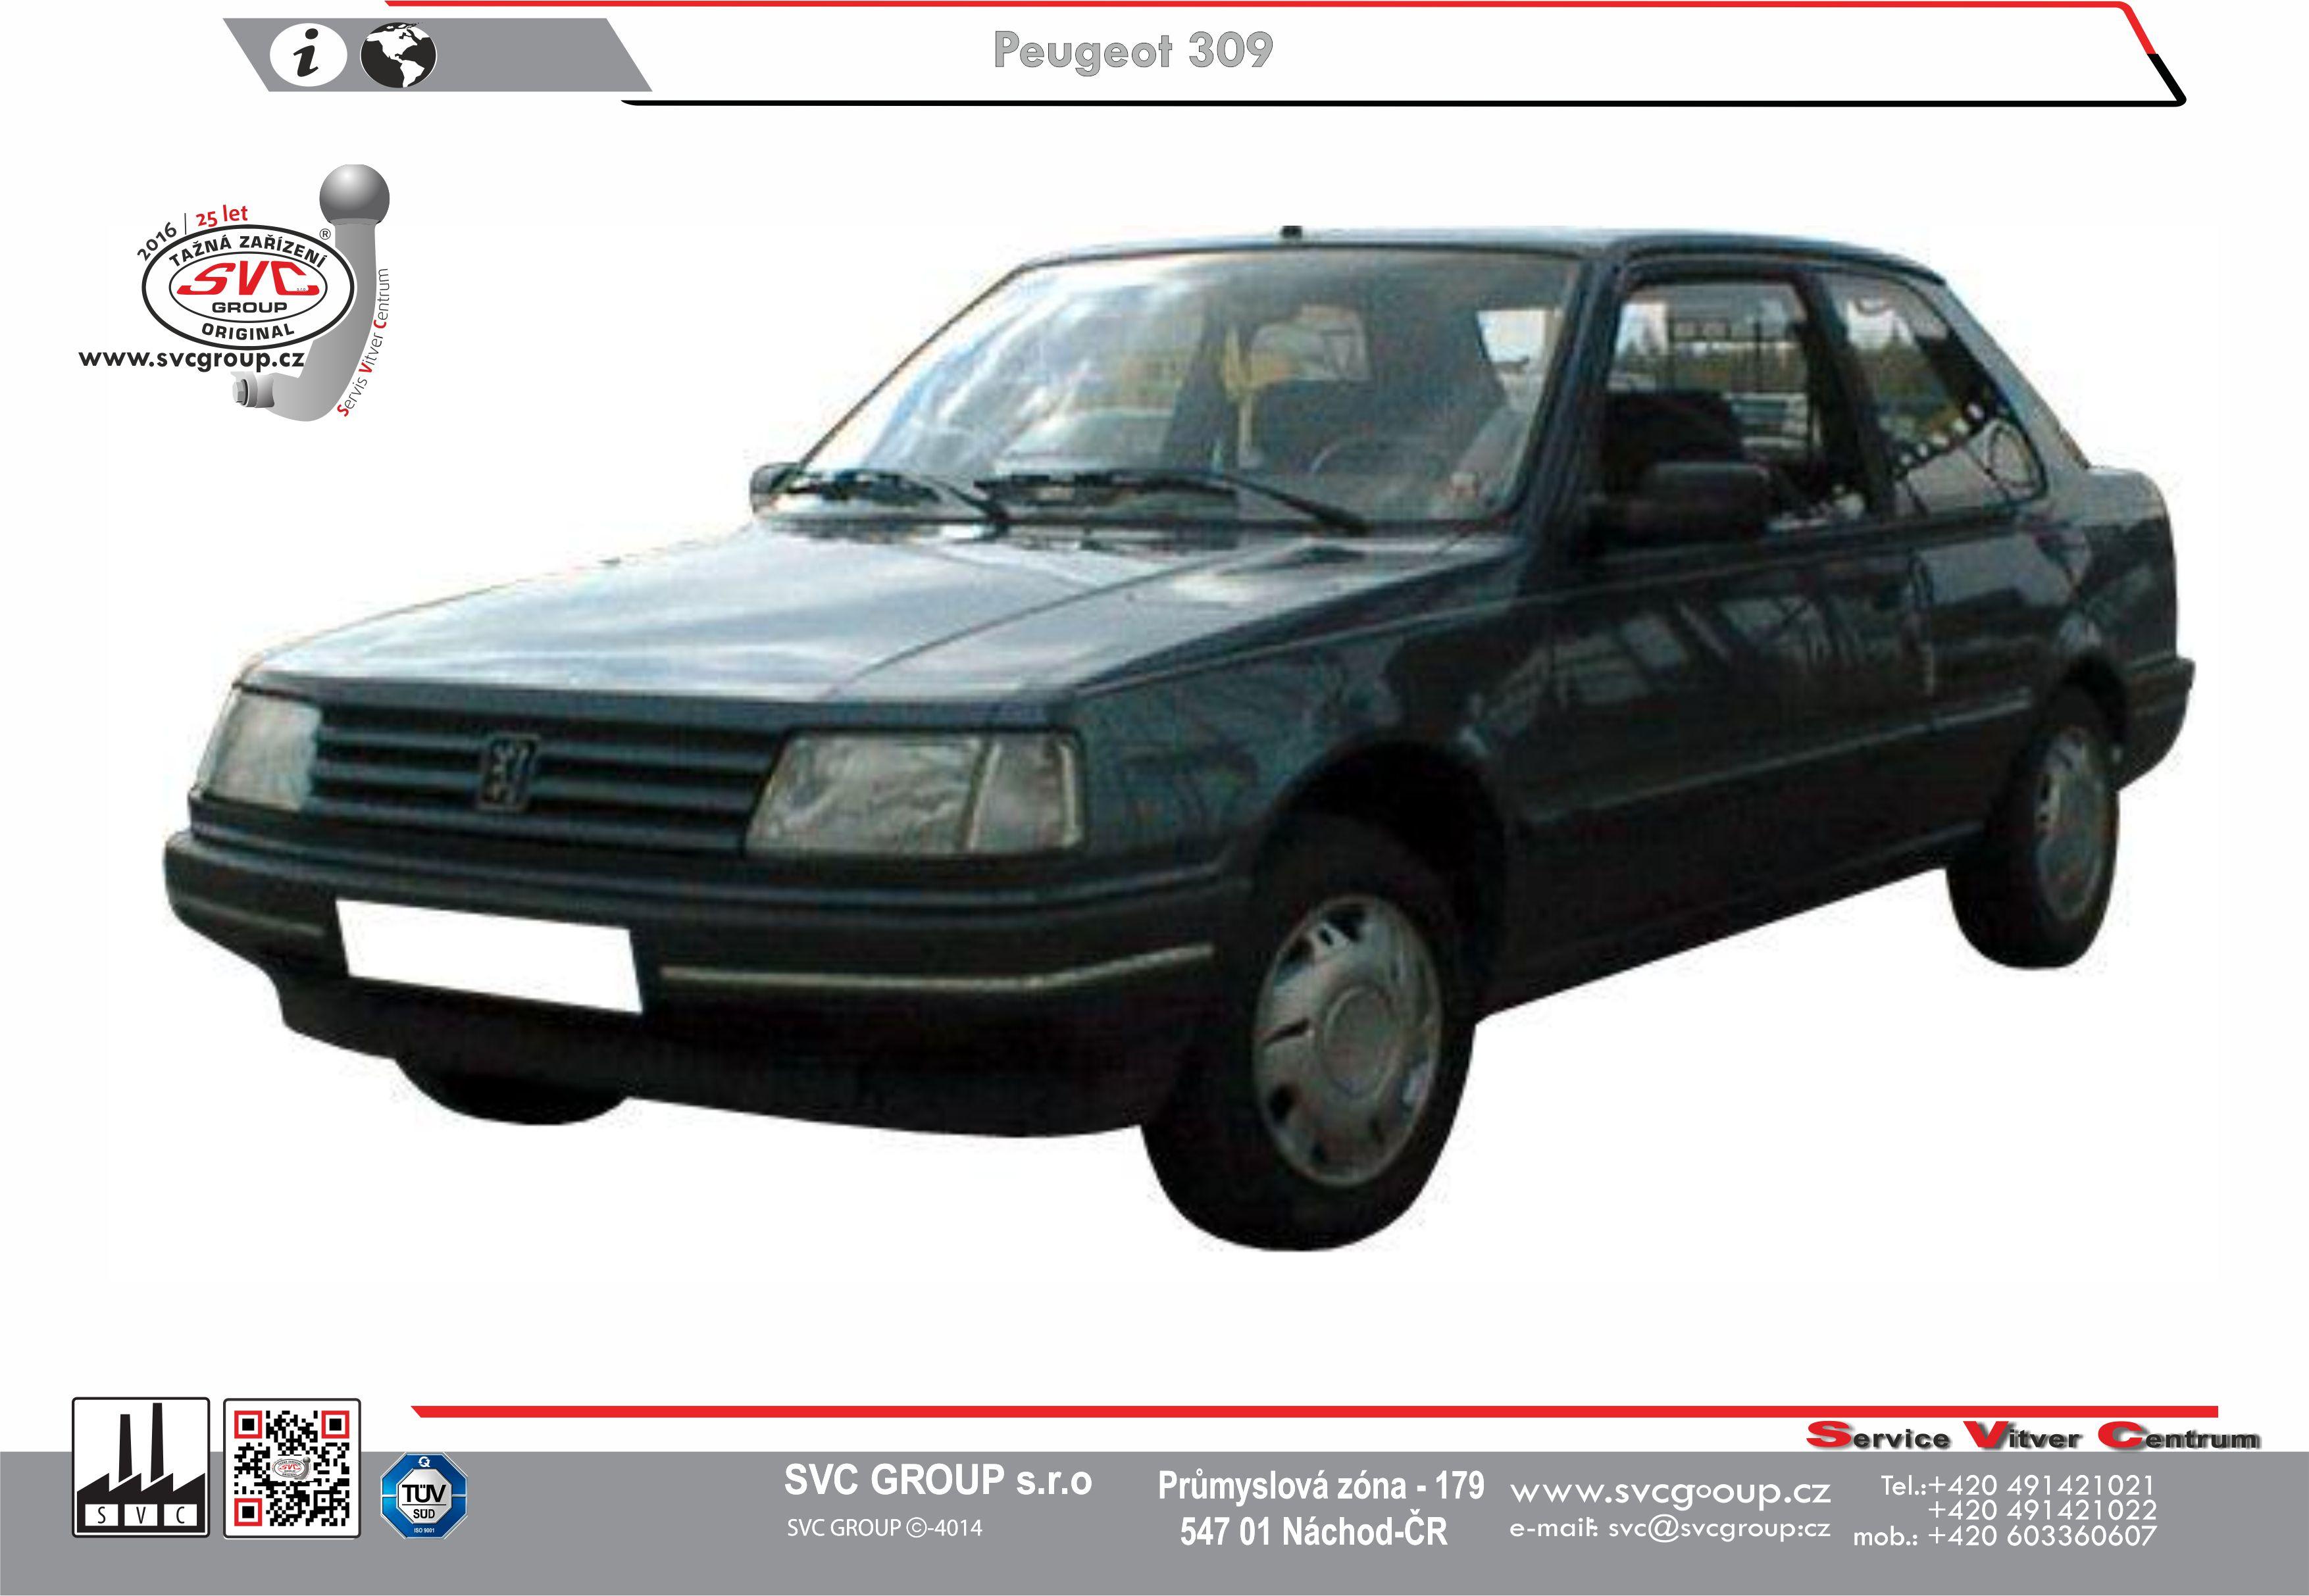 Peugeot 309 Hatchback